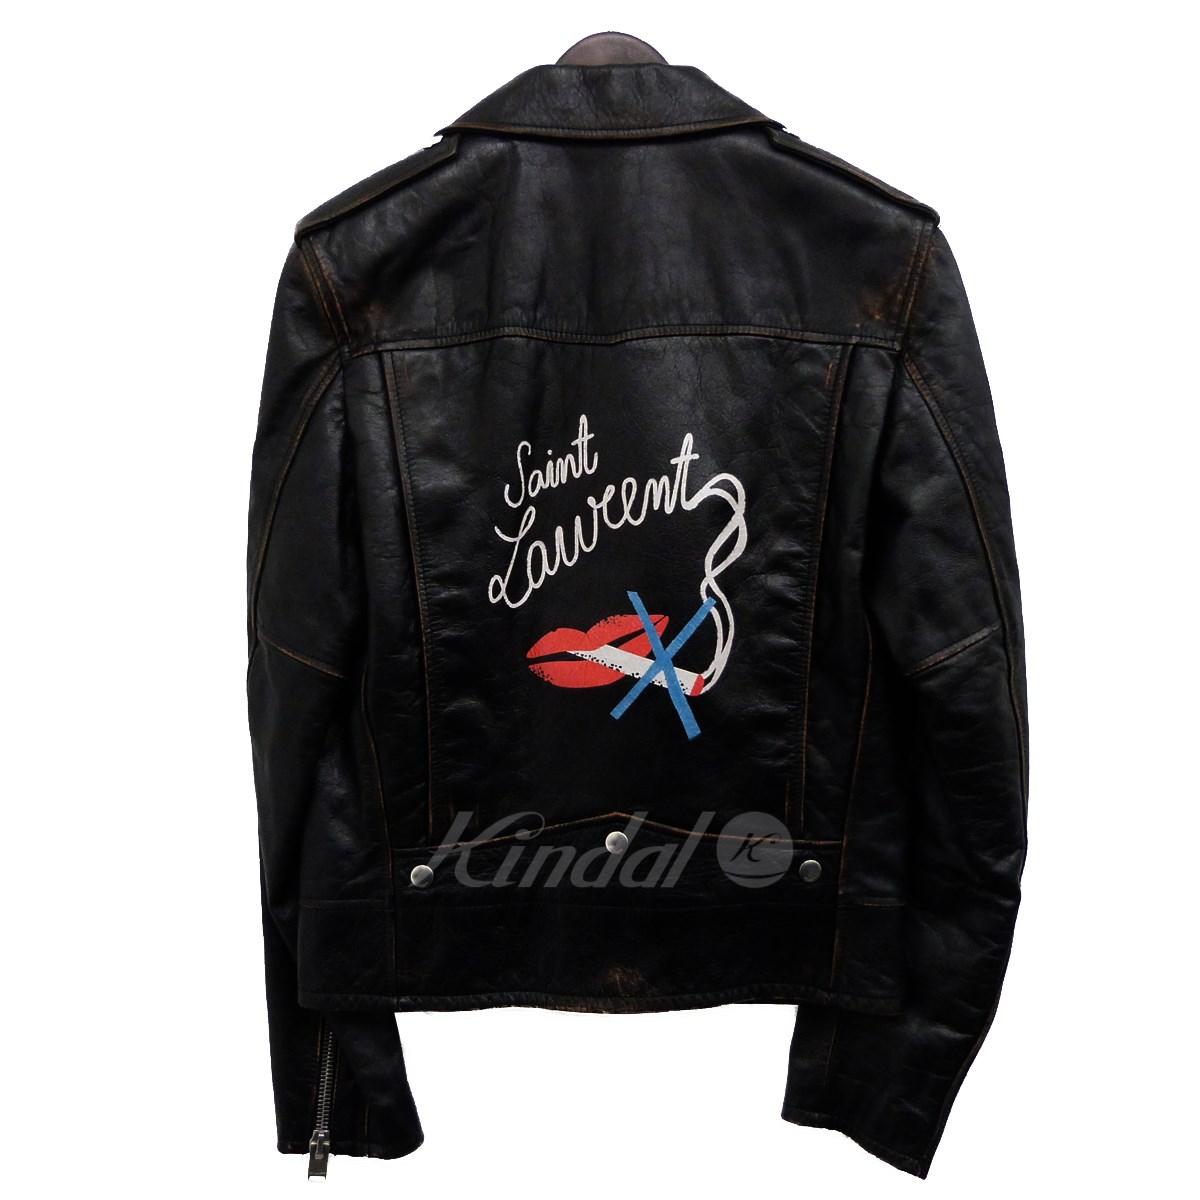 【中古】SAINT LAURENT PARIS バックプリントヴィンテージ加工ライダースジャケット「L01」 ブラック サイズ:44 【120420】(サンローランパリ)